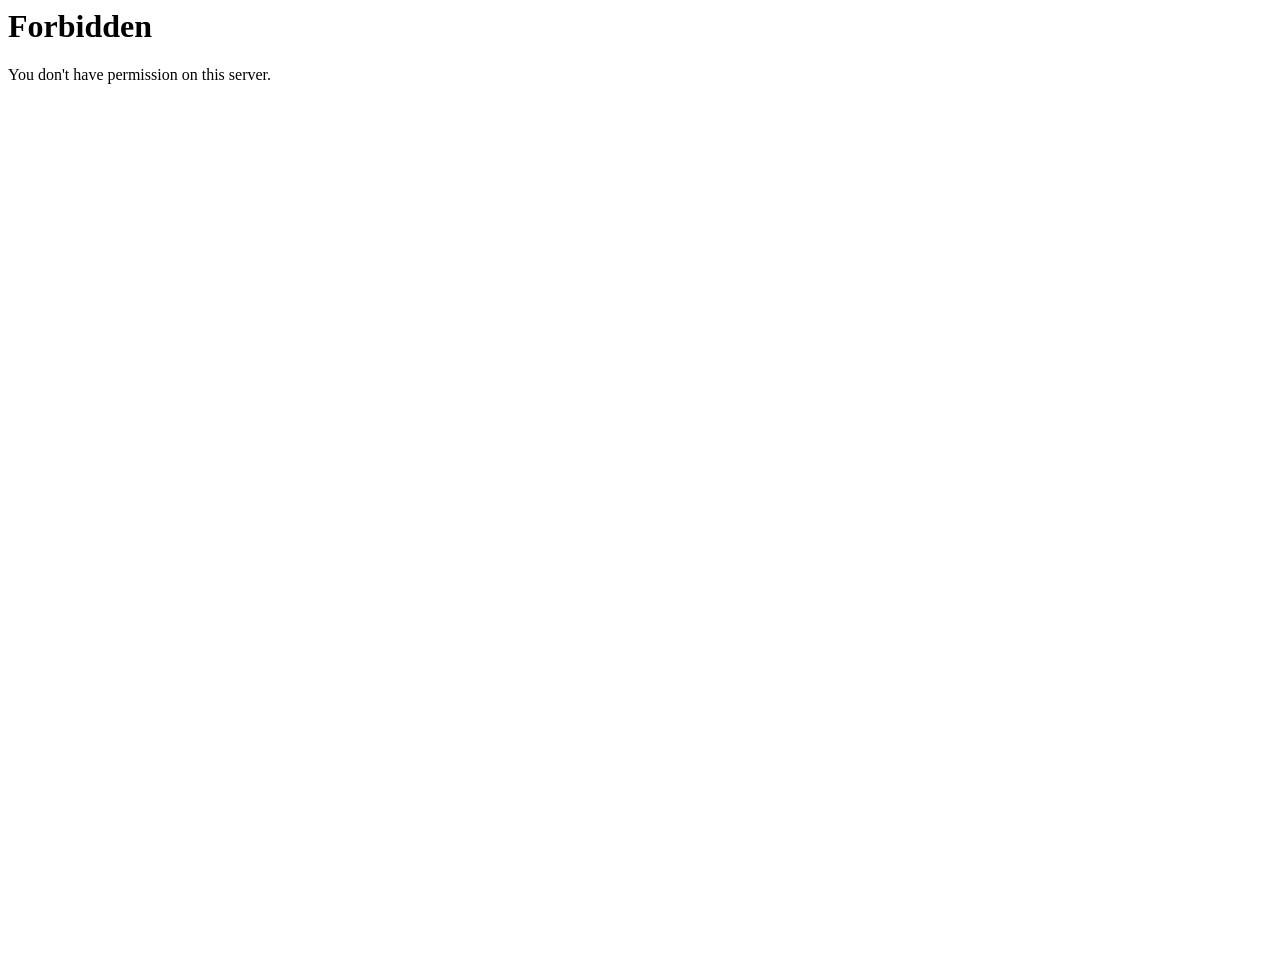 新陽冷熱工業株式会社